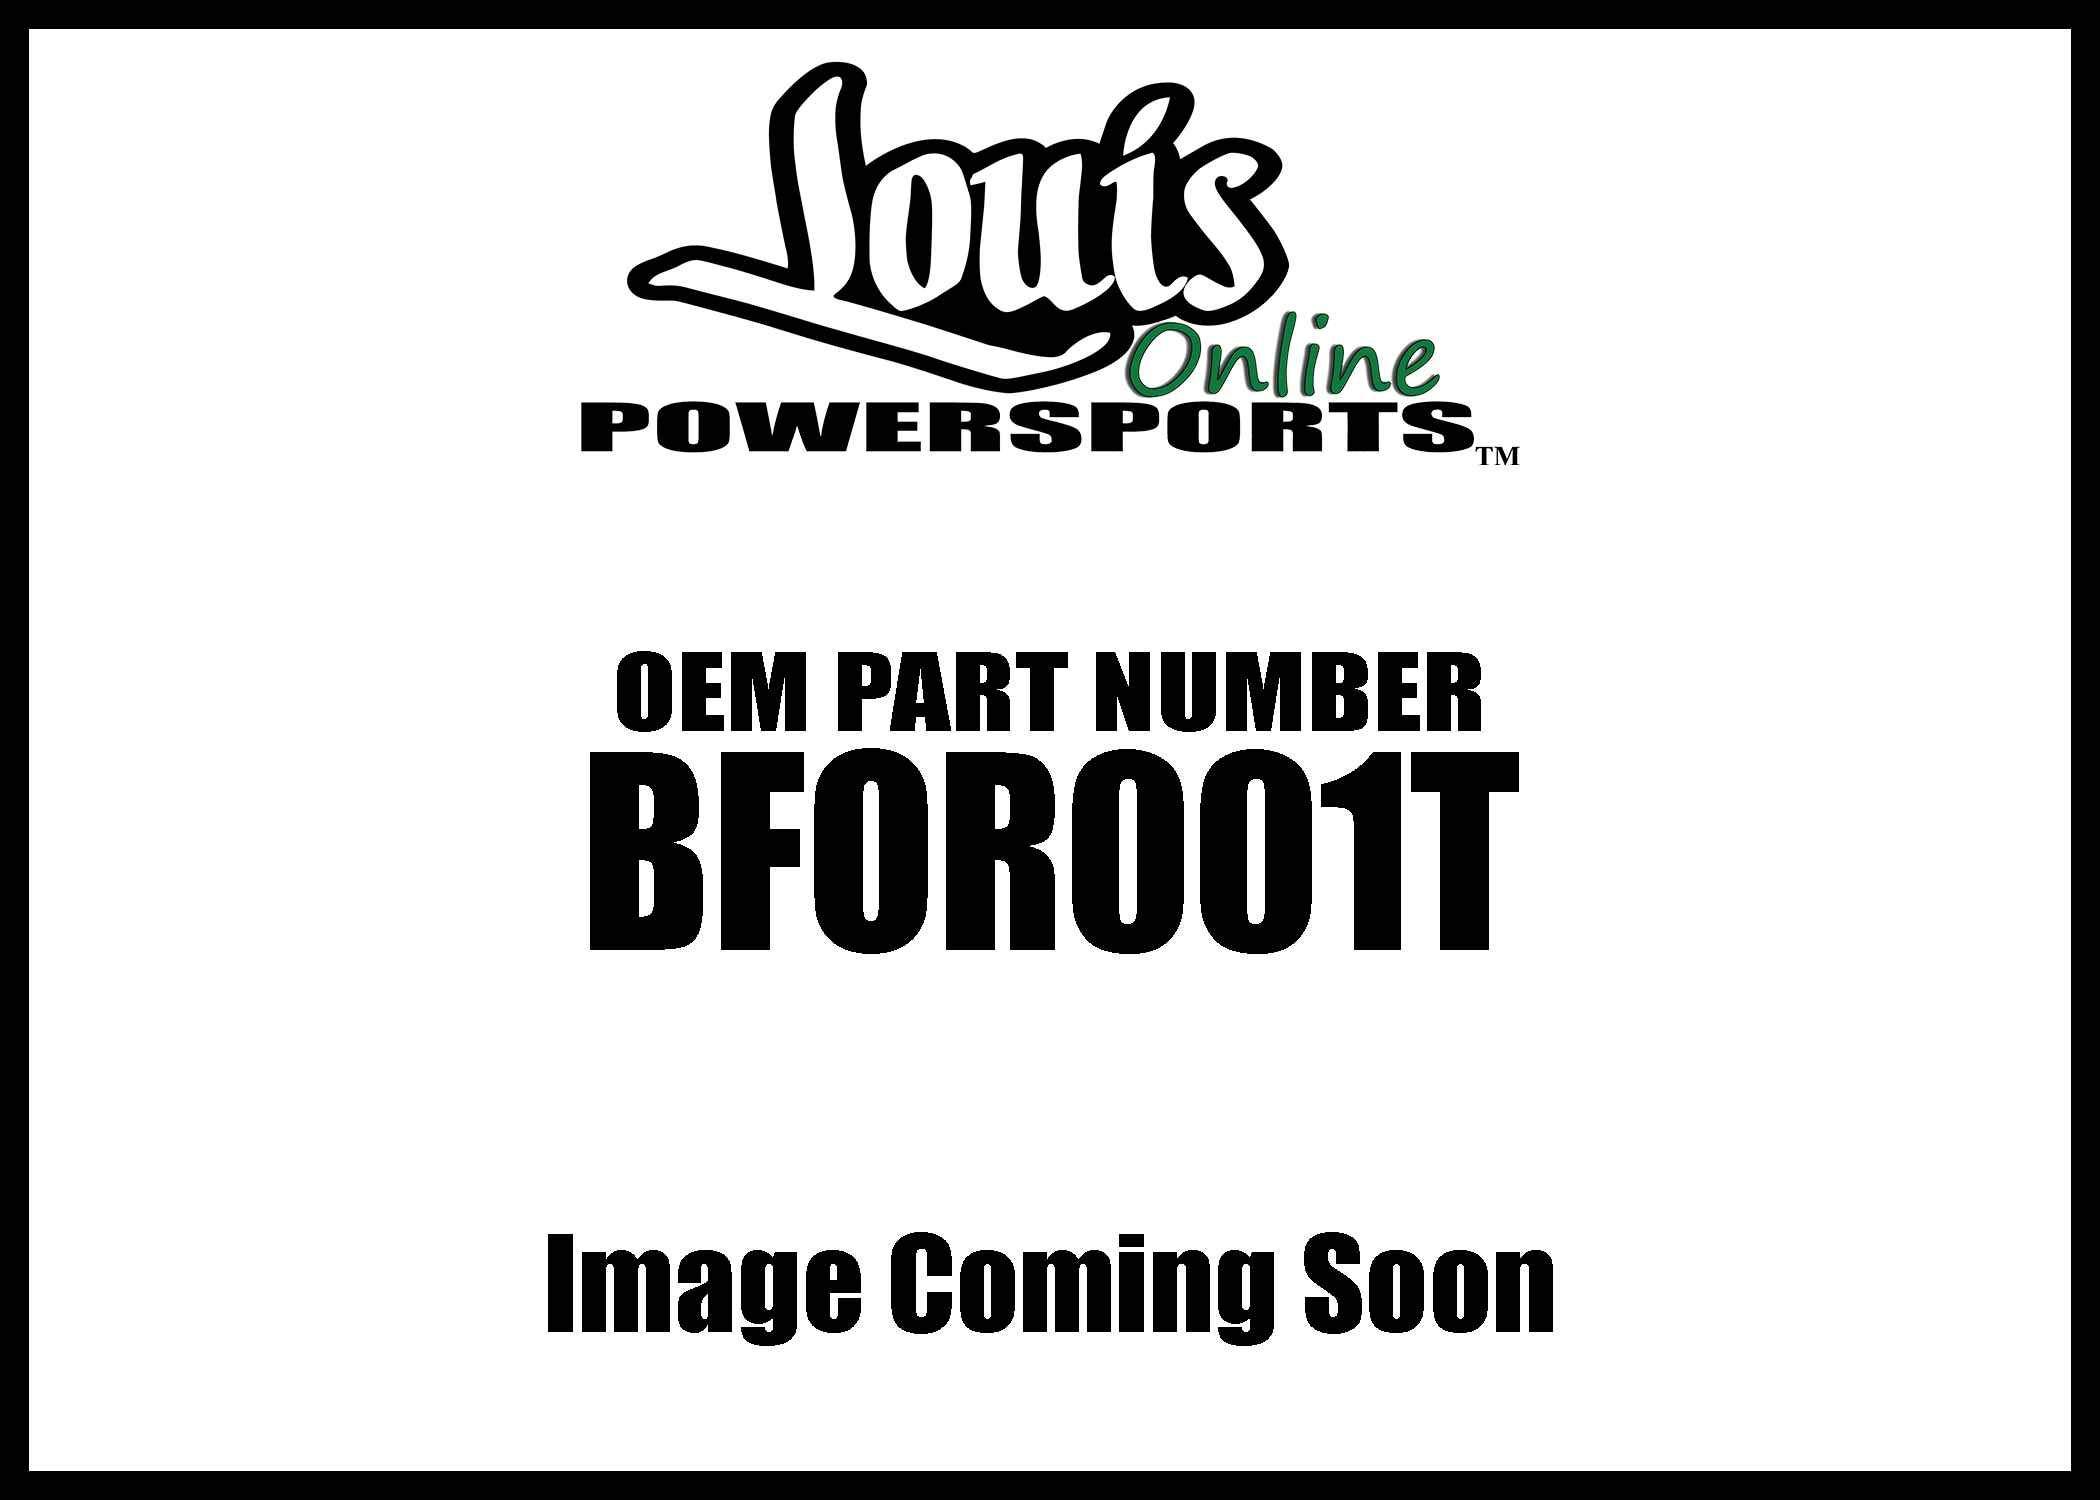 Bobster Eyewear Force Conv Mt Blk Clr Pc Lens Bfor001t New